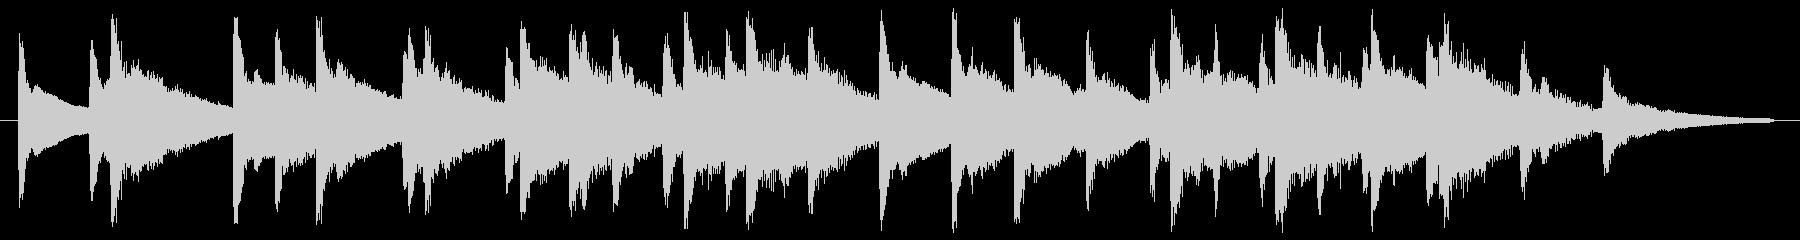 キラキラキラ(高い連続した金属音)の未再生の波形